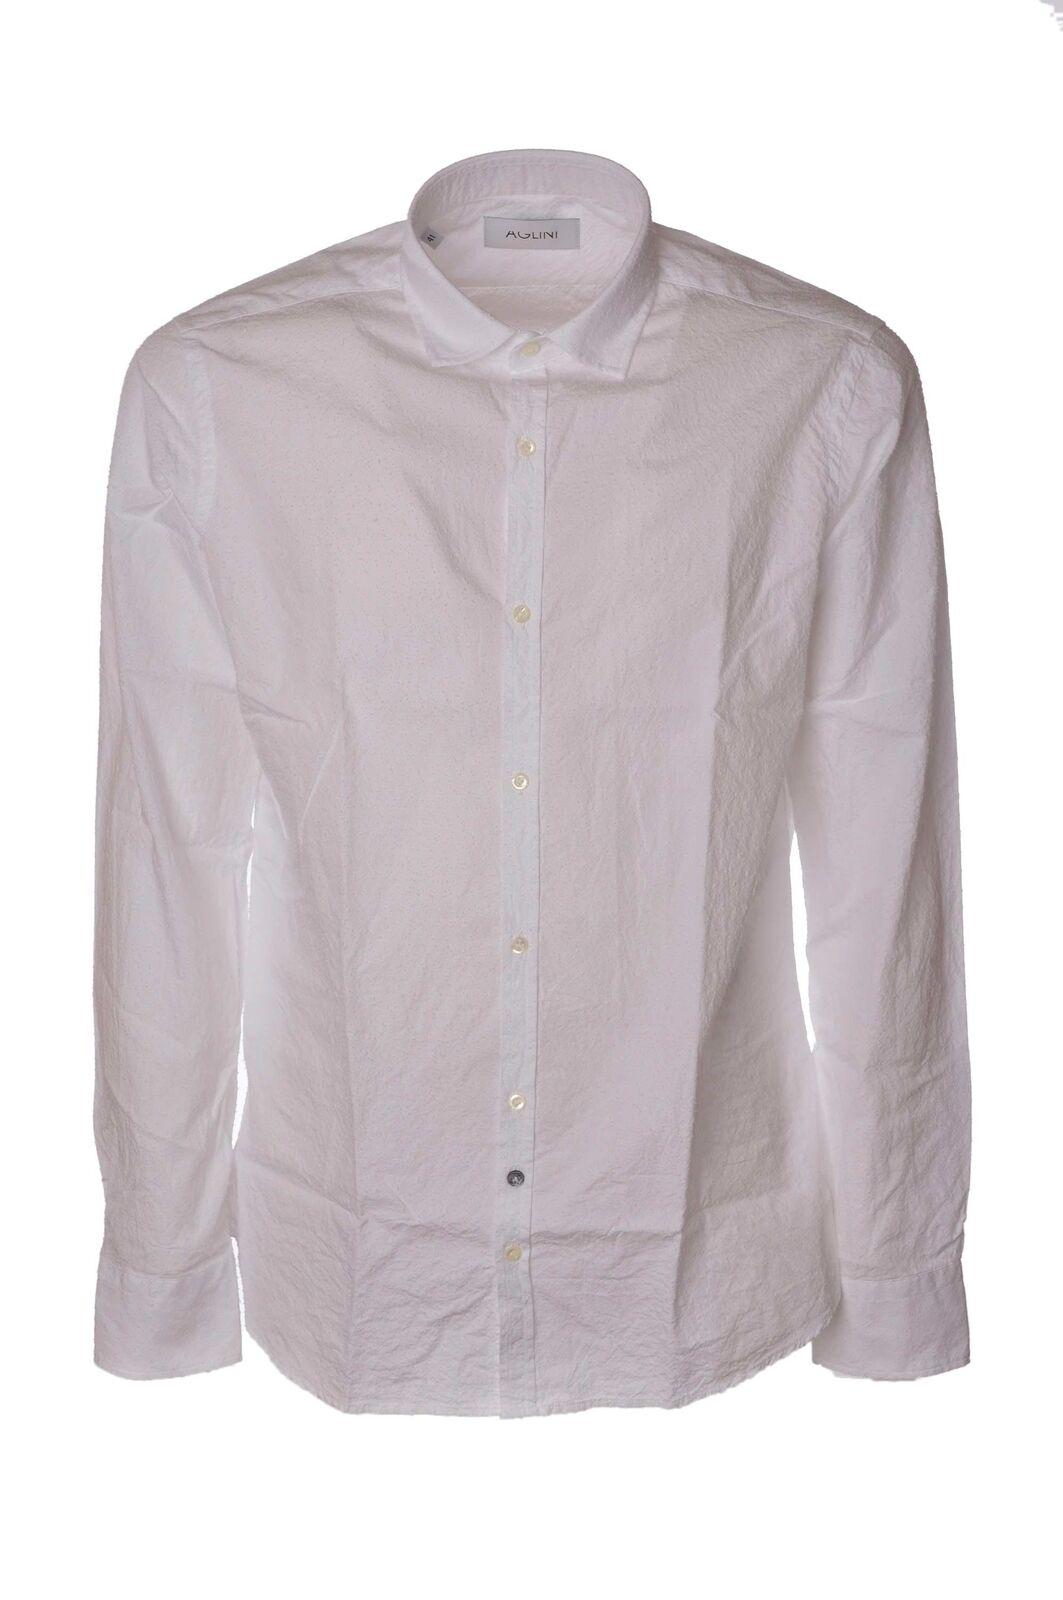 Aglini - Shirts-Shirt - Man - Weiß - 4064230F183935